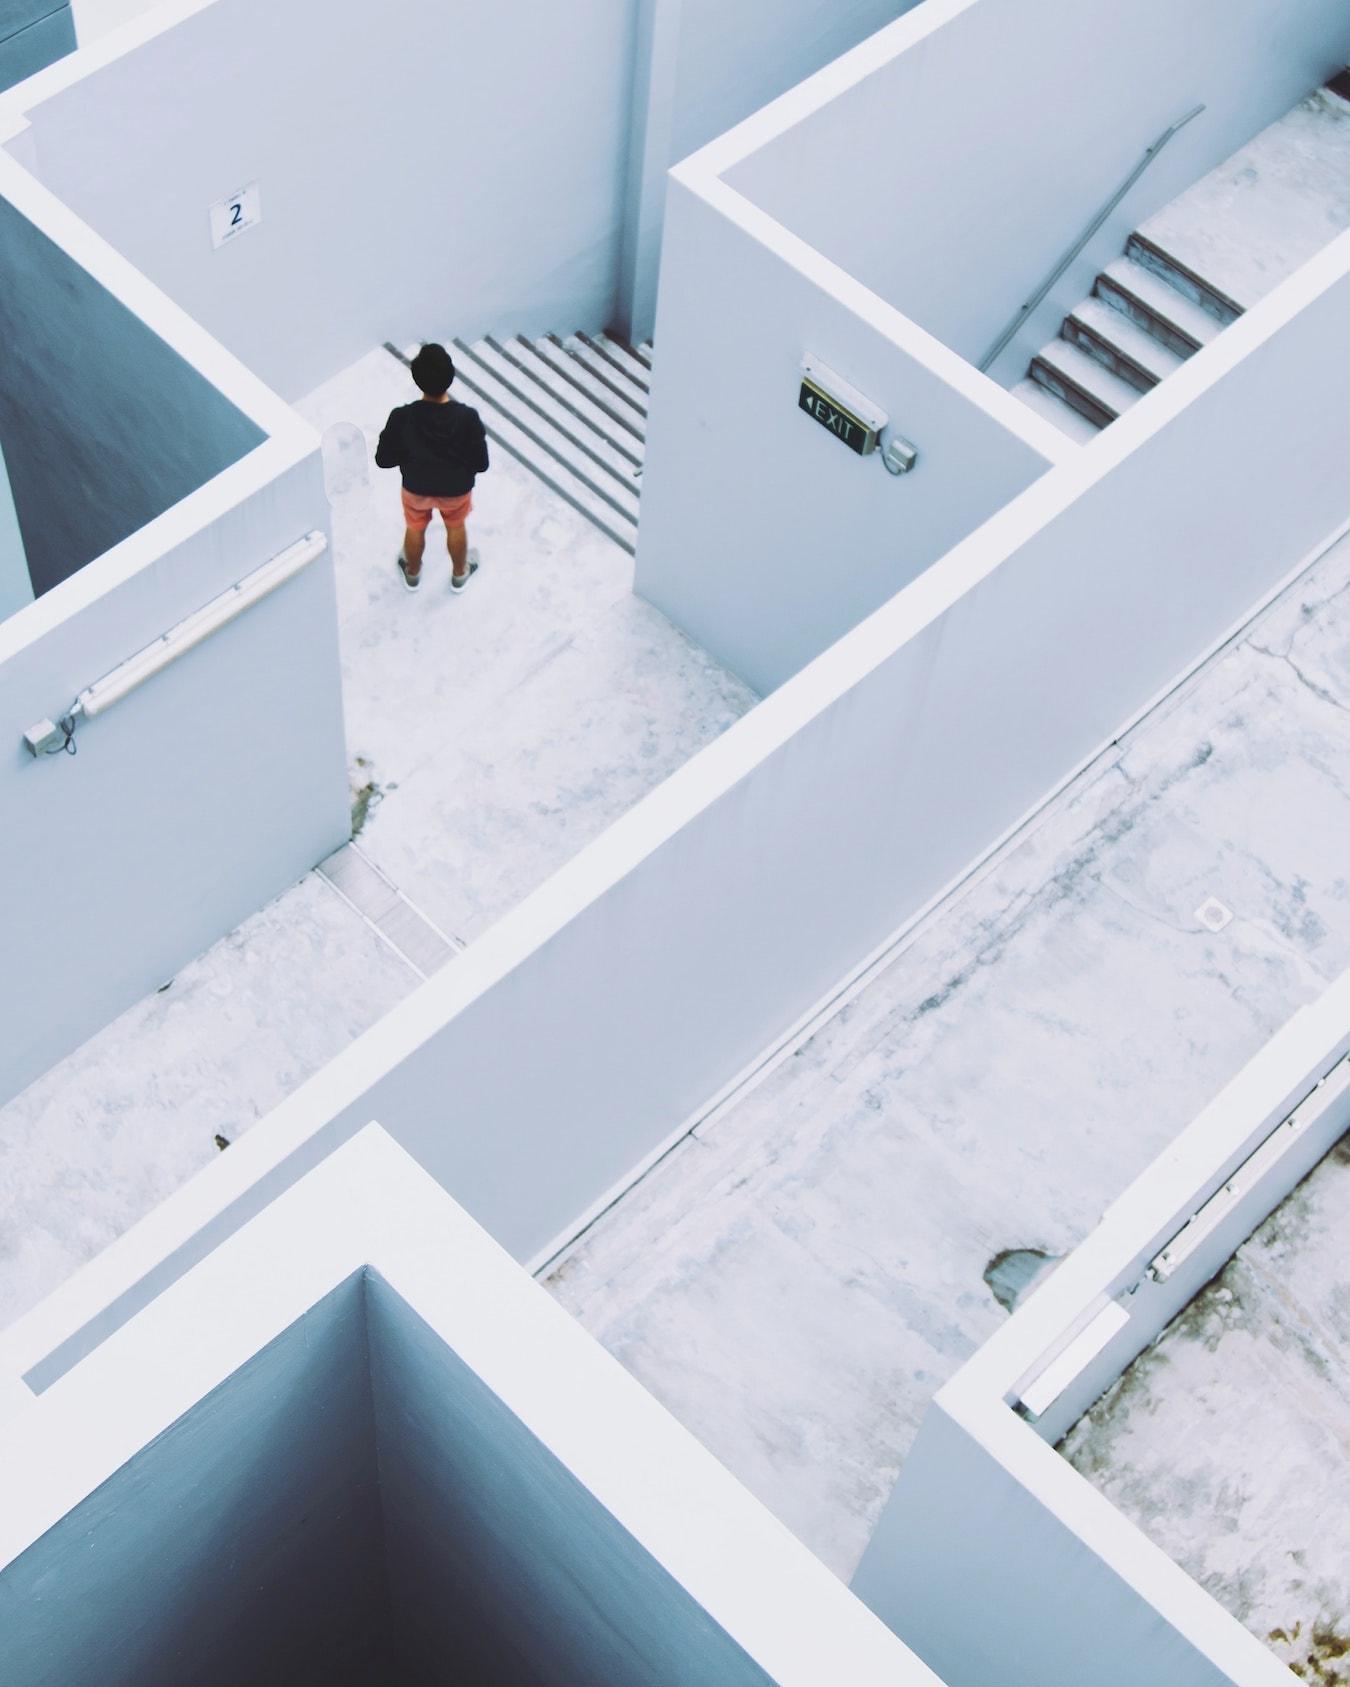 junger Mann findet verzweifelt den Weg aus einem Treppen Labyrinth